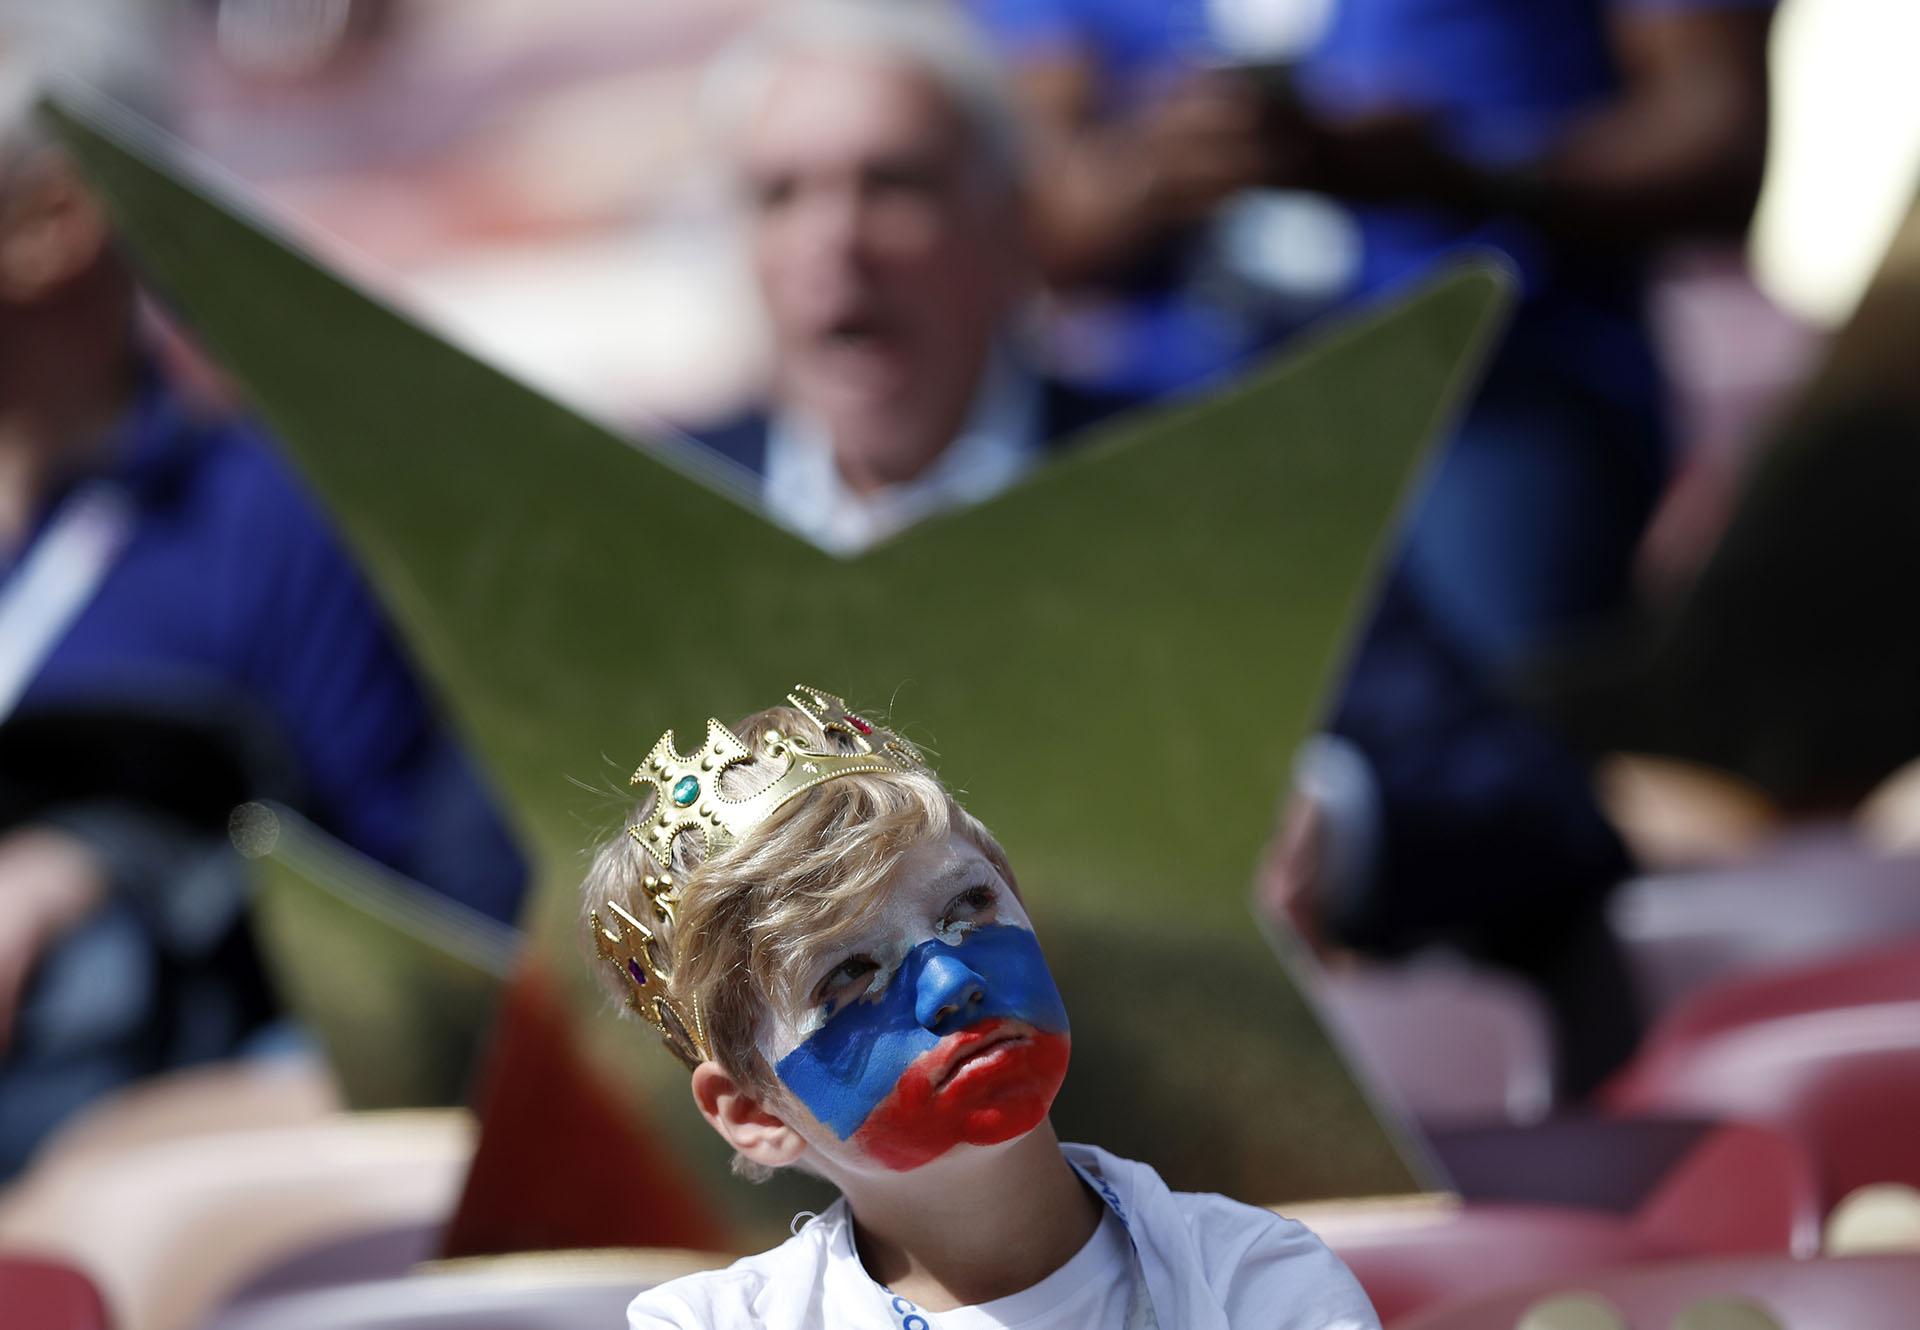 Un niño con la corona y el rostro pintado con la bandera rusa esperando el comienzo del primer partido del Mundial (AP Photo/Pavel Golovkin)